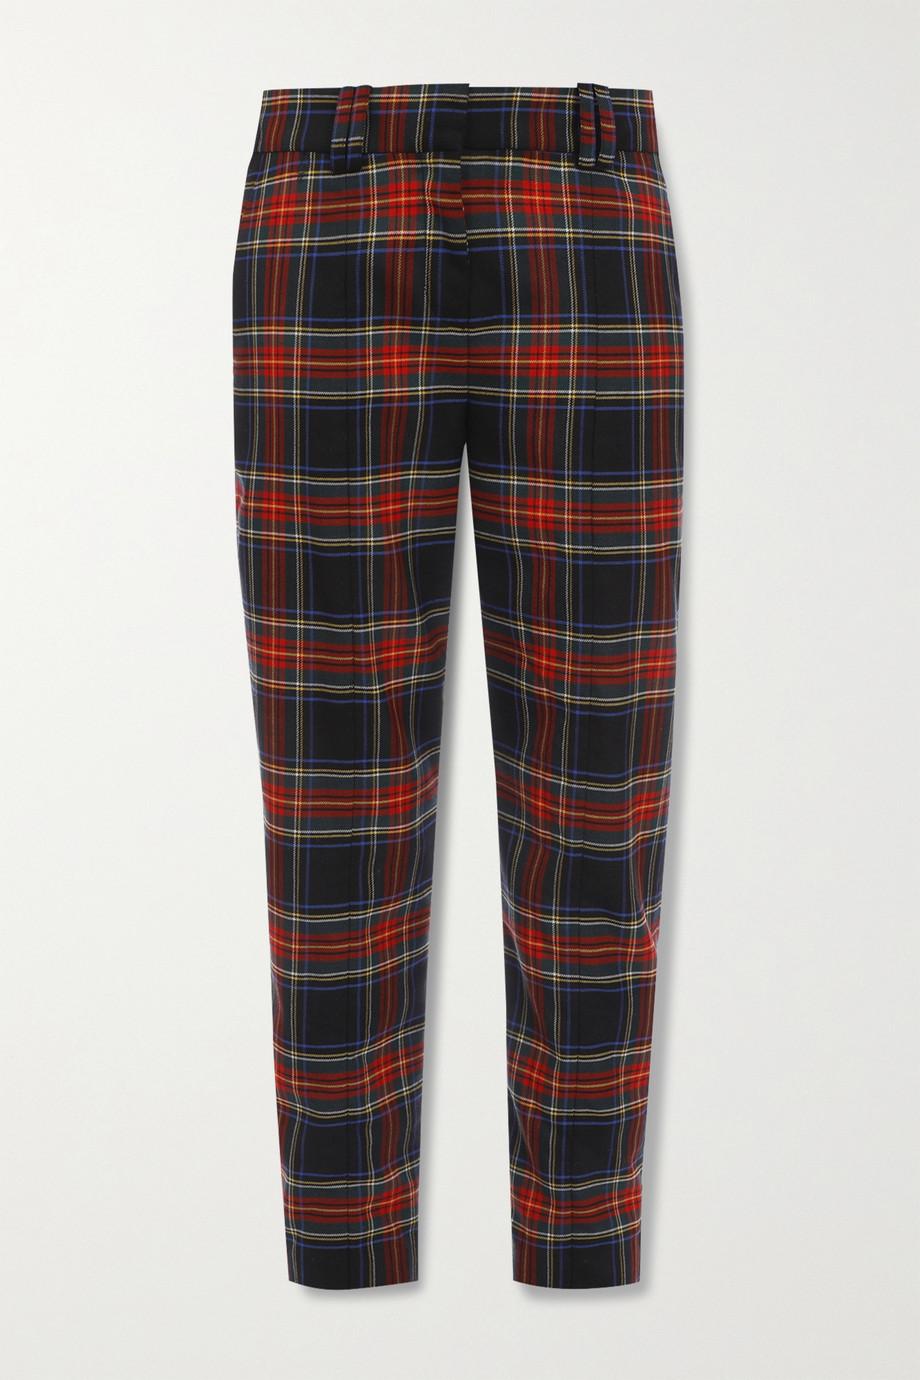 Balmain Hose mit schmalem Bein aus einer karierten Wollmischung